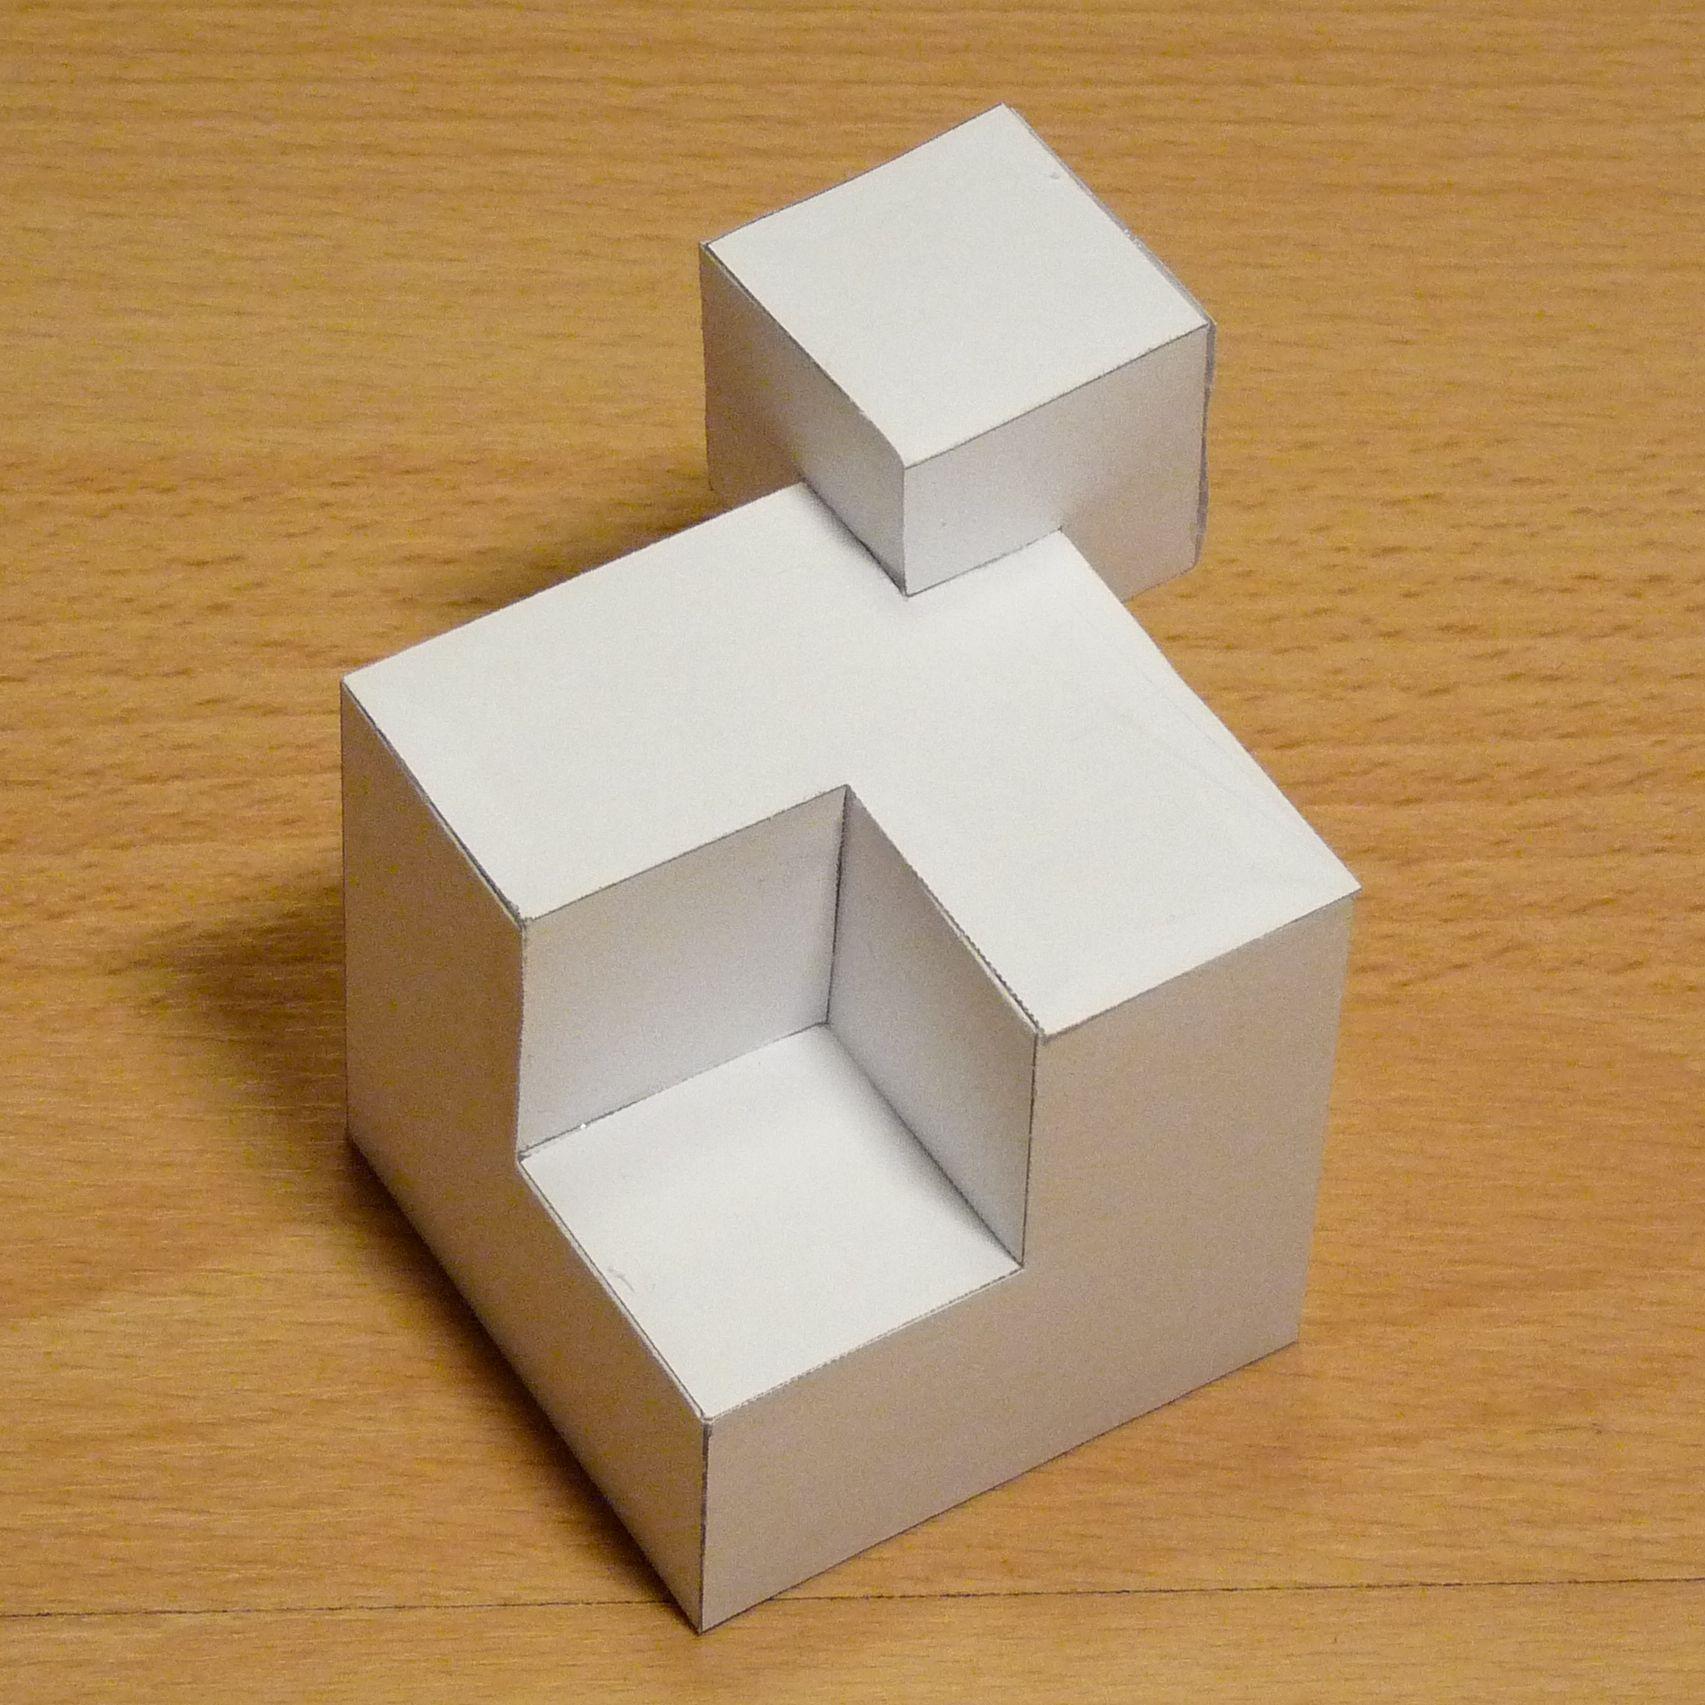 Paper model cubic shape 3